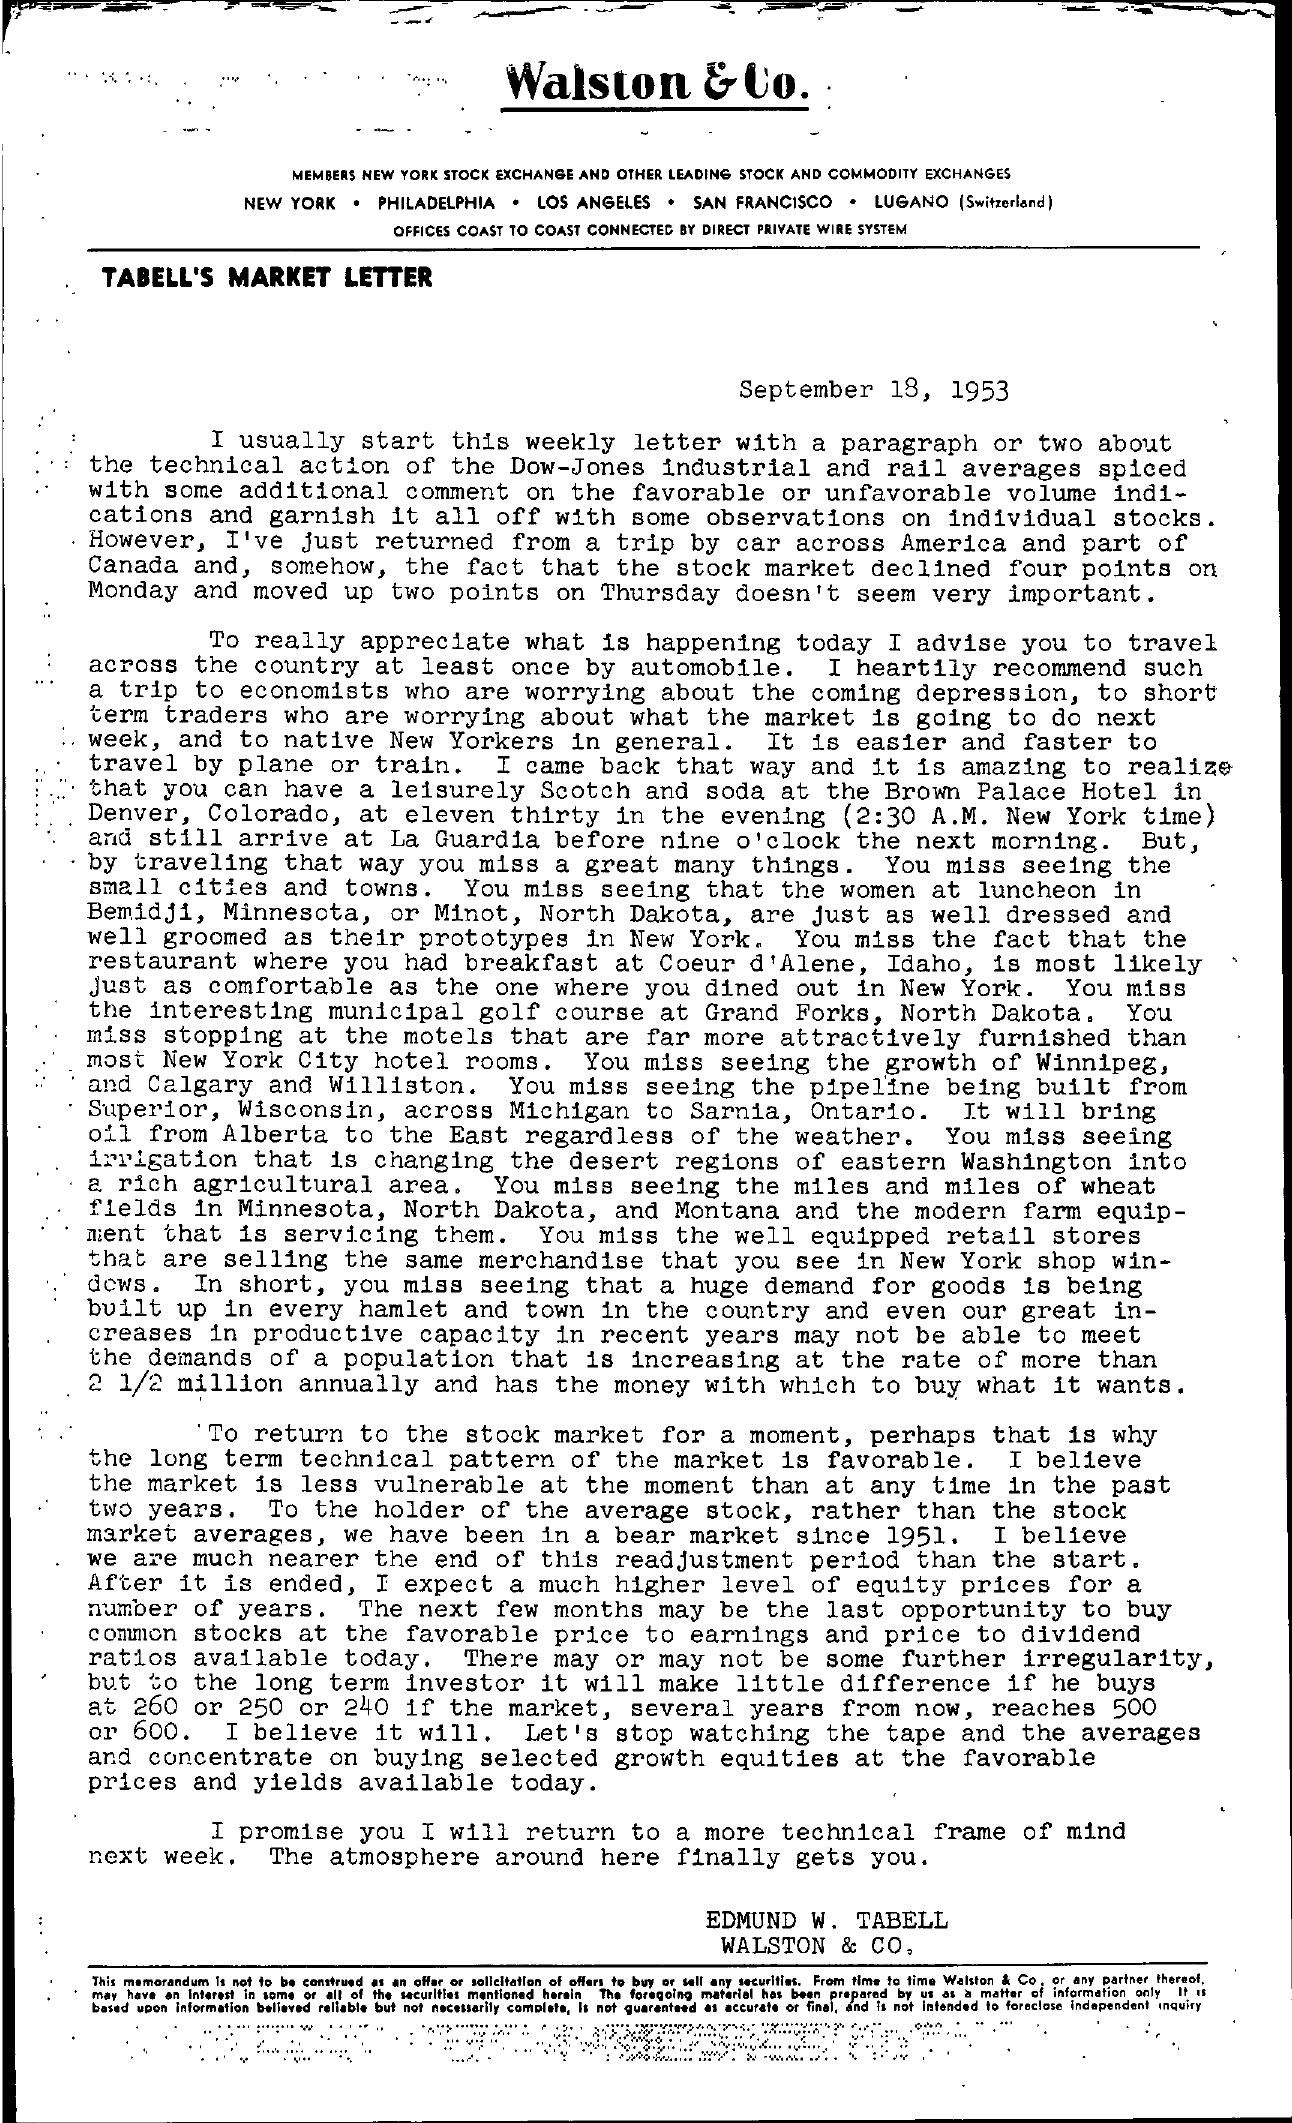 Tabell's Market Letter - September 18, 1953